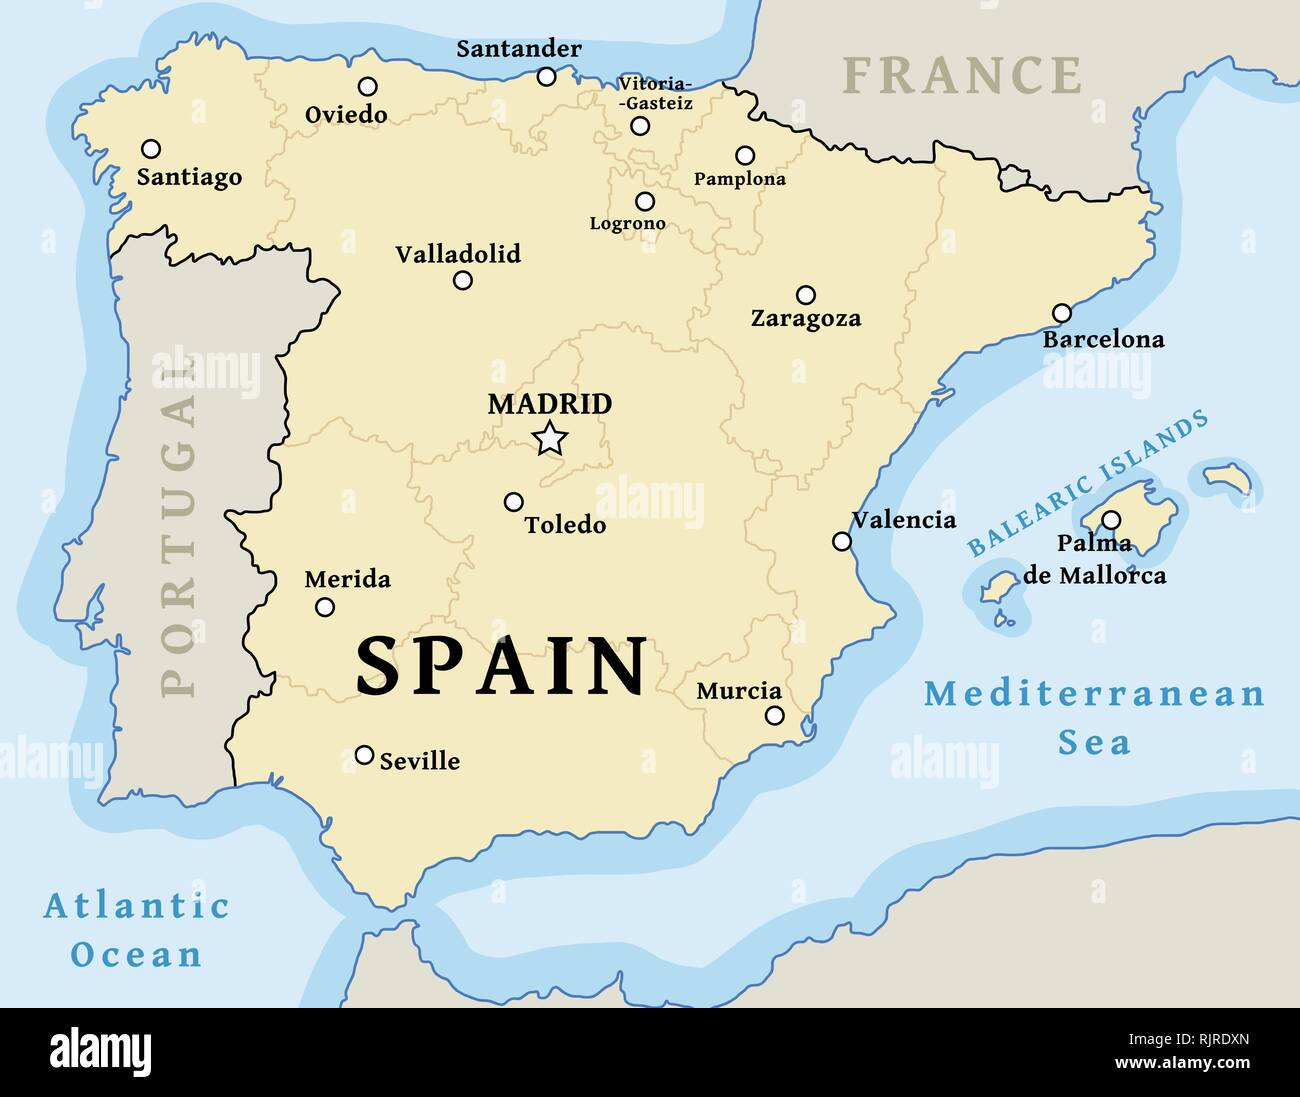 Espagne villes